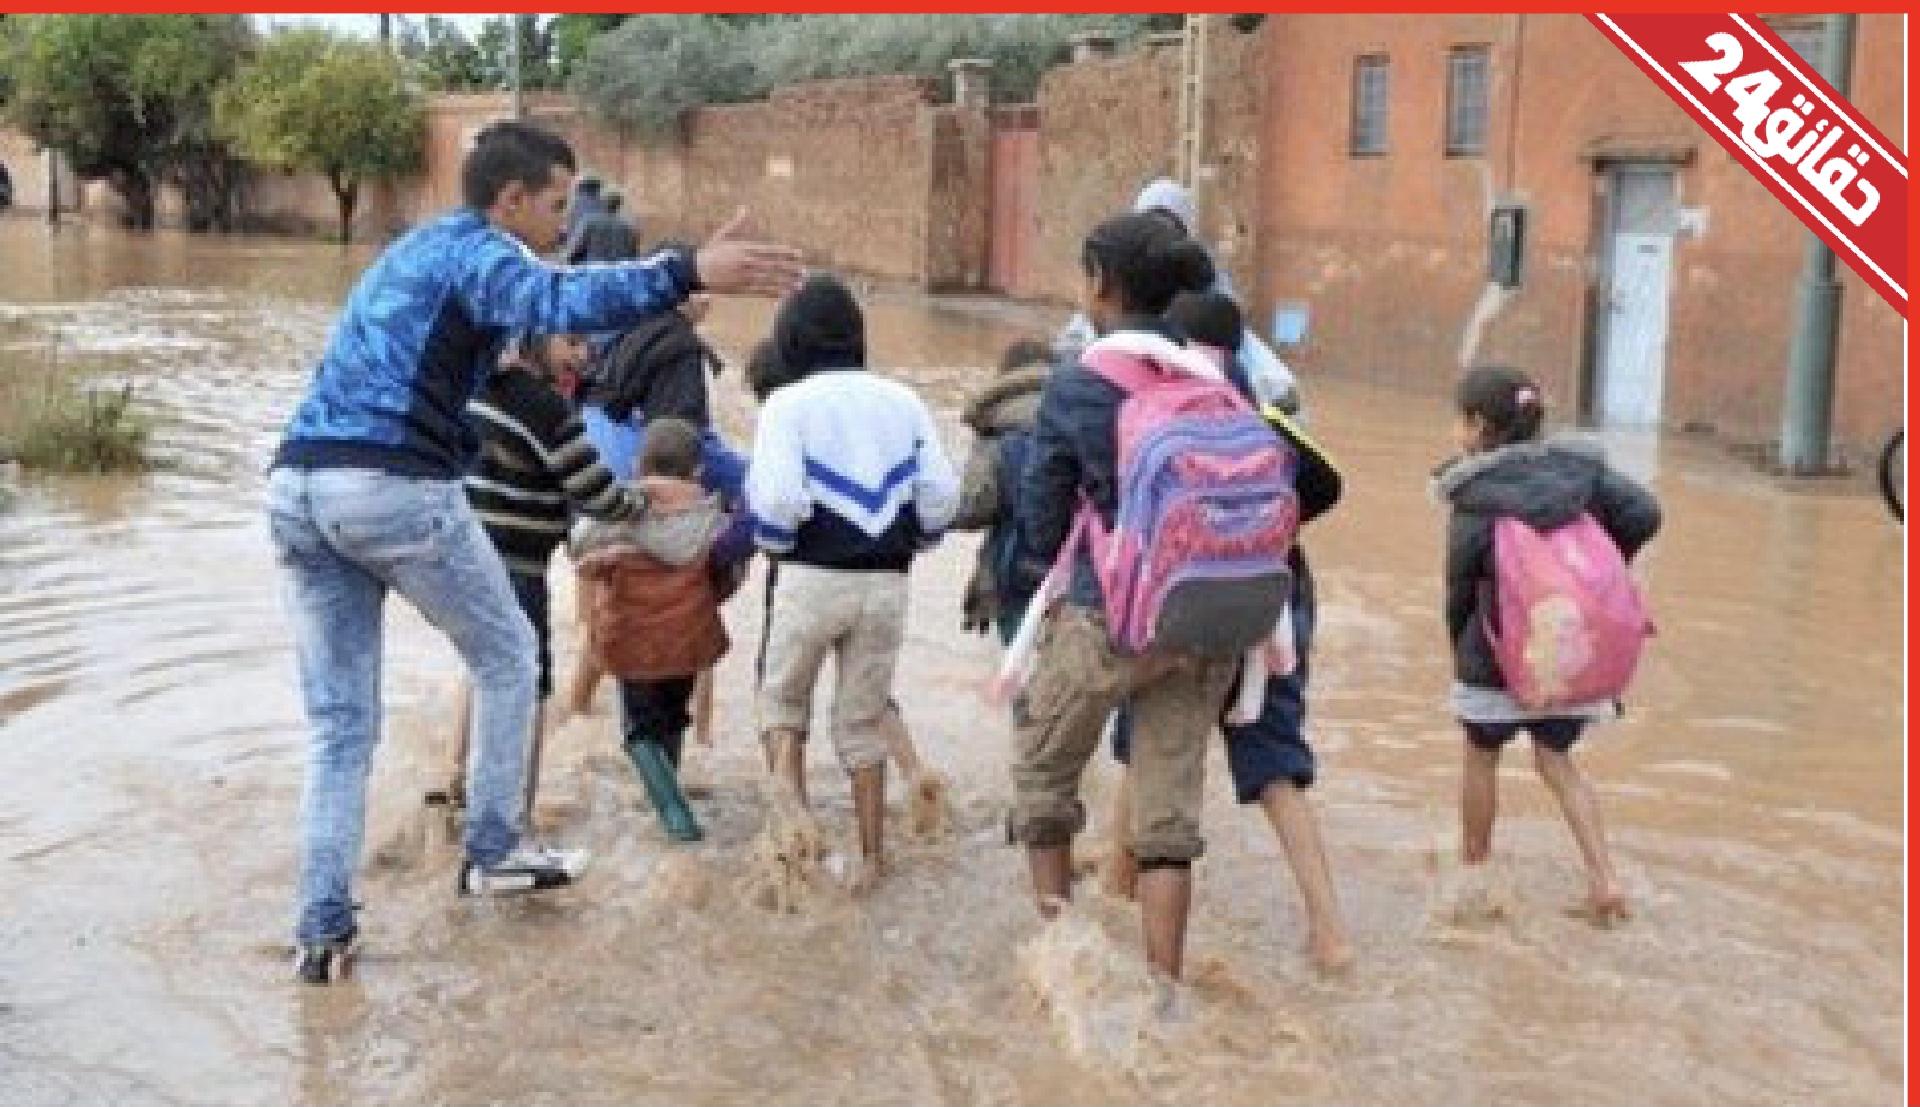 صورة فيضانات مرتقبة في سوس ووزارة التعليم توصي بإغلاق المدارس